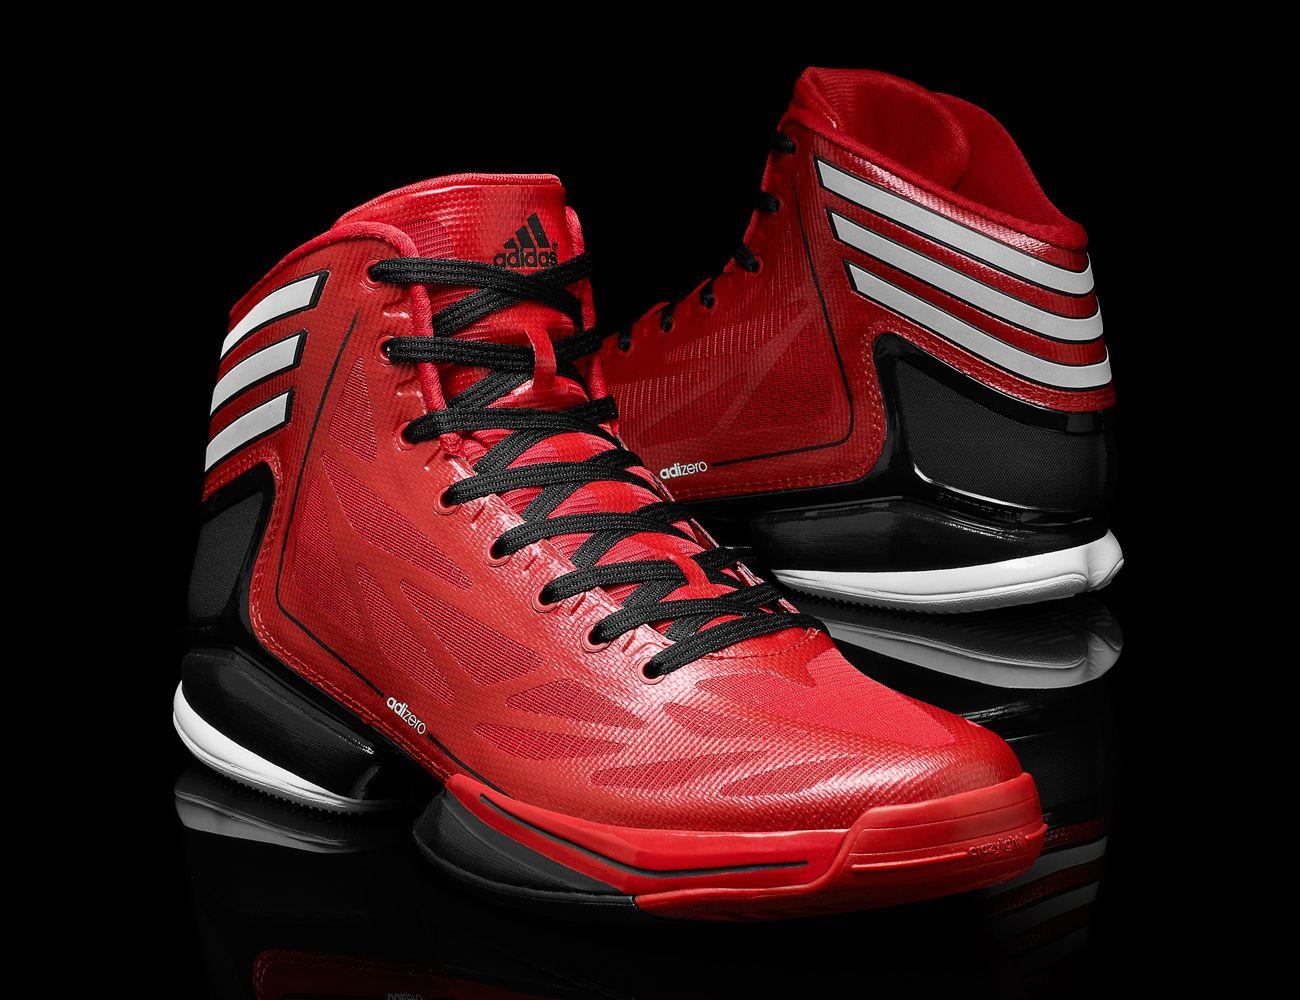 97796e8fc8aadd Adizero Crazy Light 2  la scarpa di basket più leggera del mondo ...